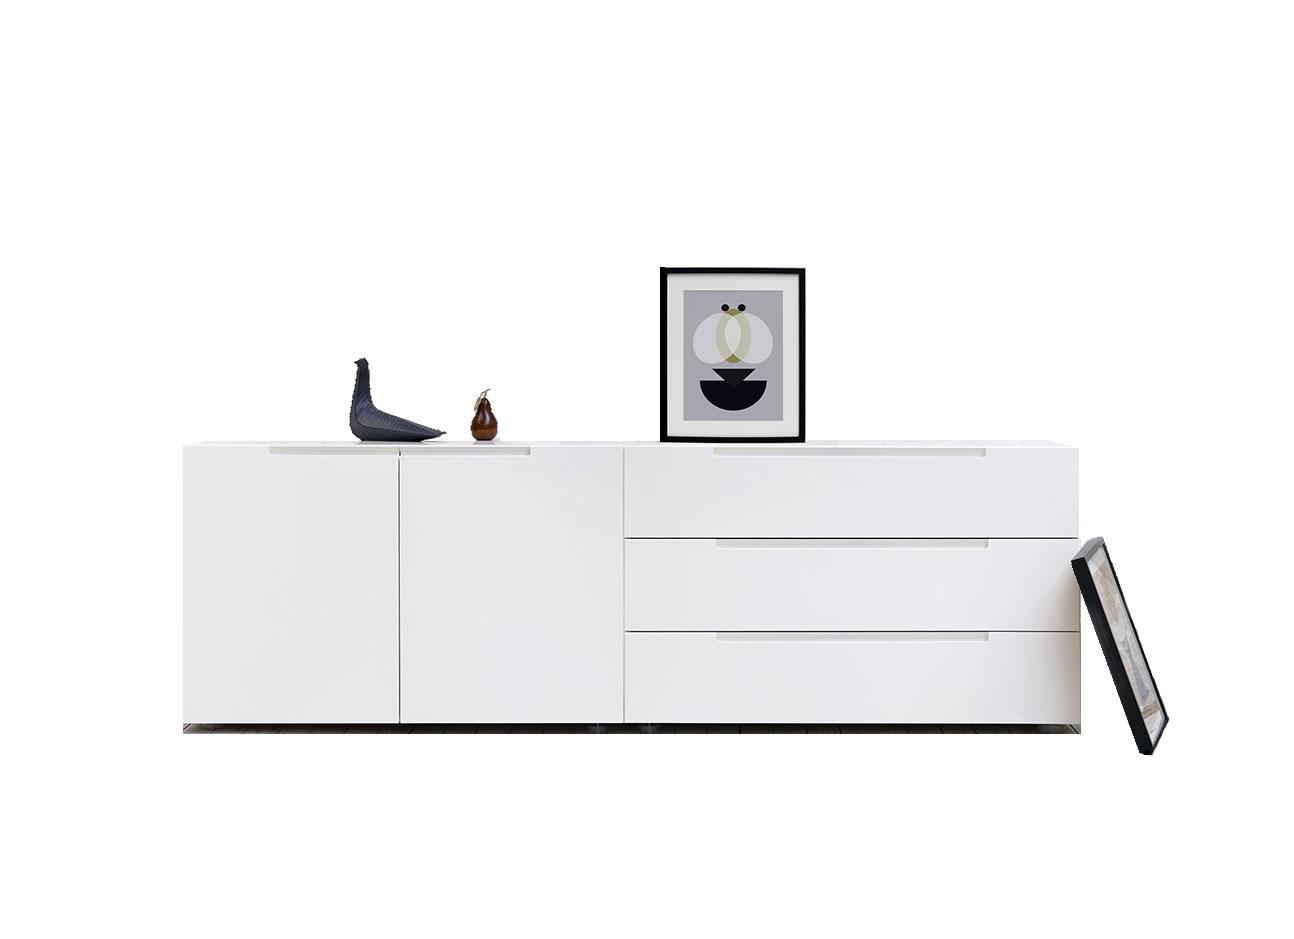 interl bke wohnen mit system drifte onlineshop. Black Bedroom Furniture Sets. Home Design Ideas